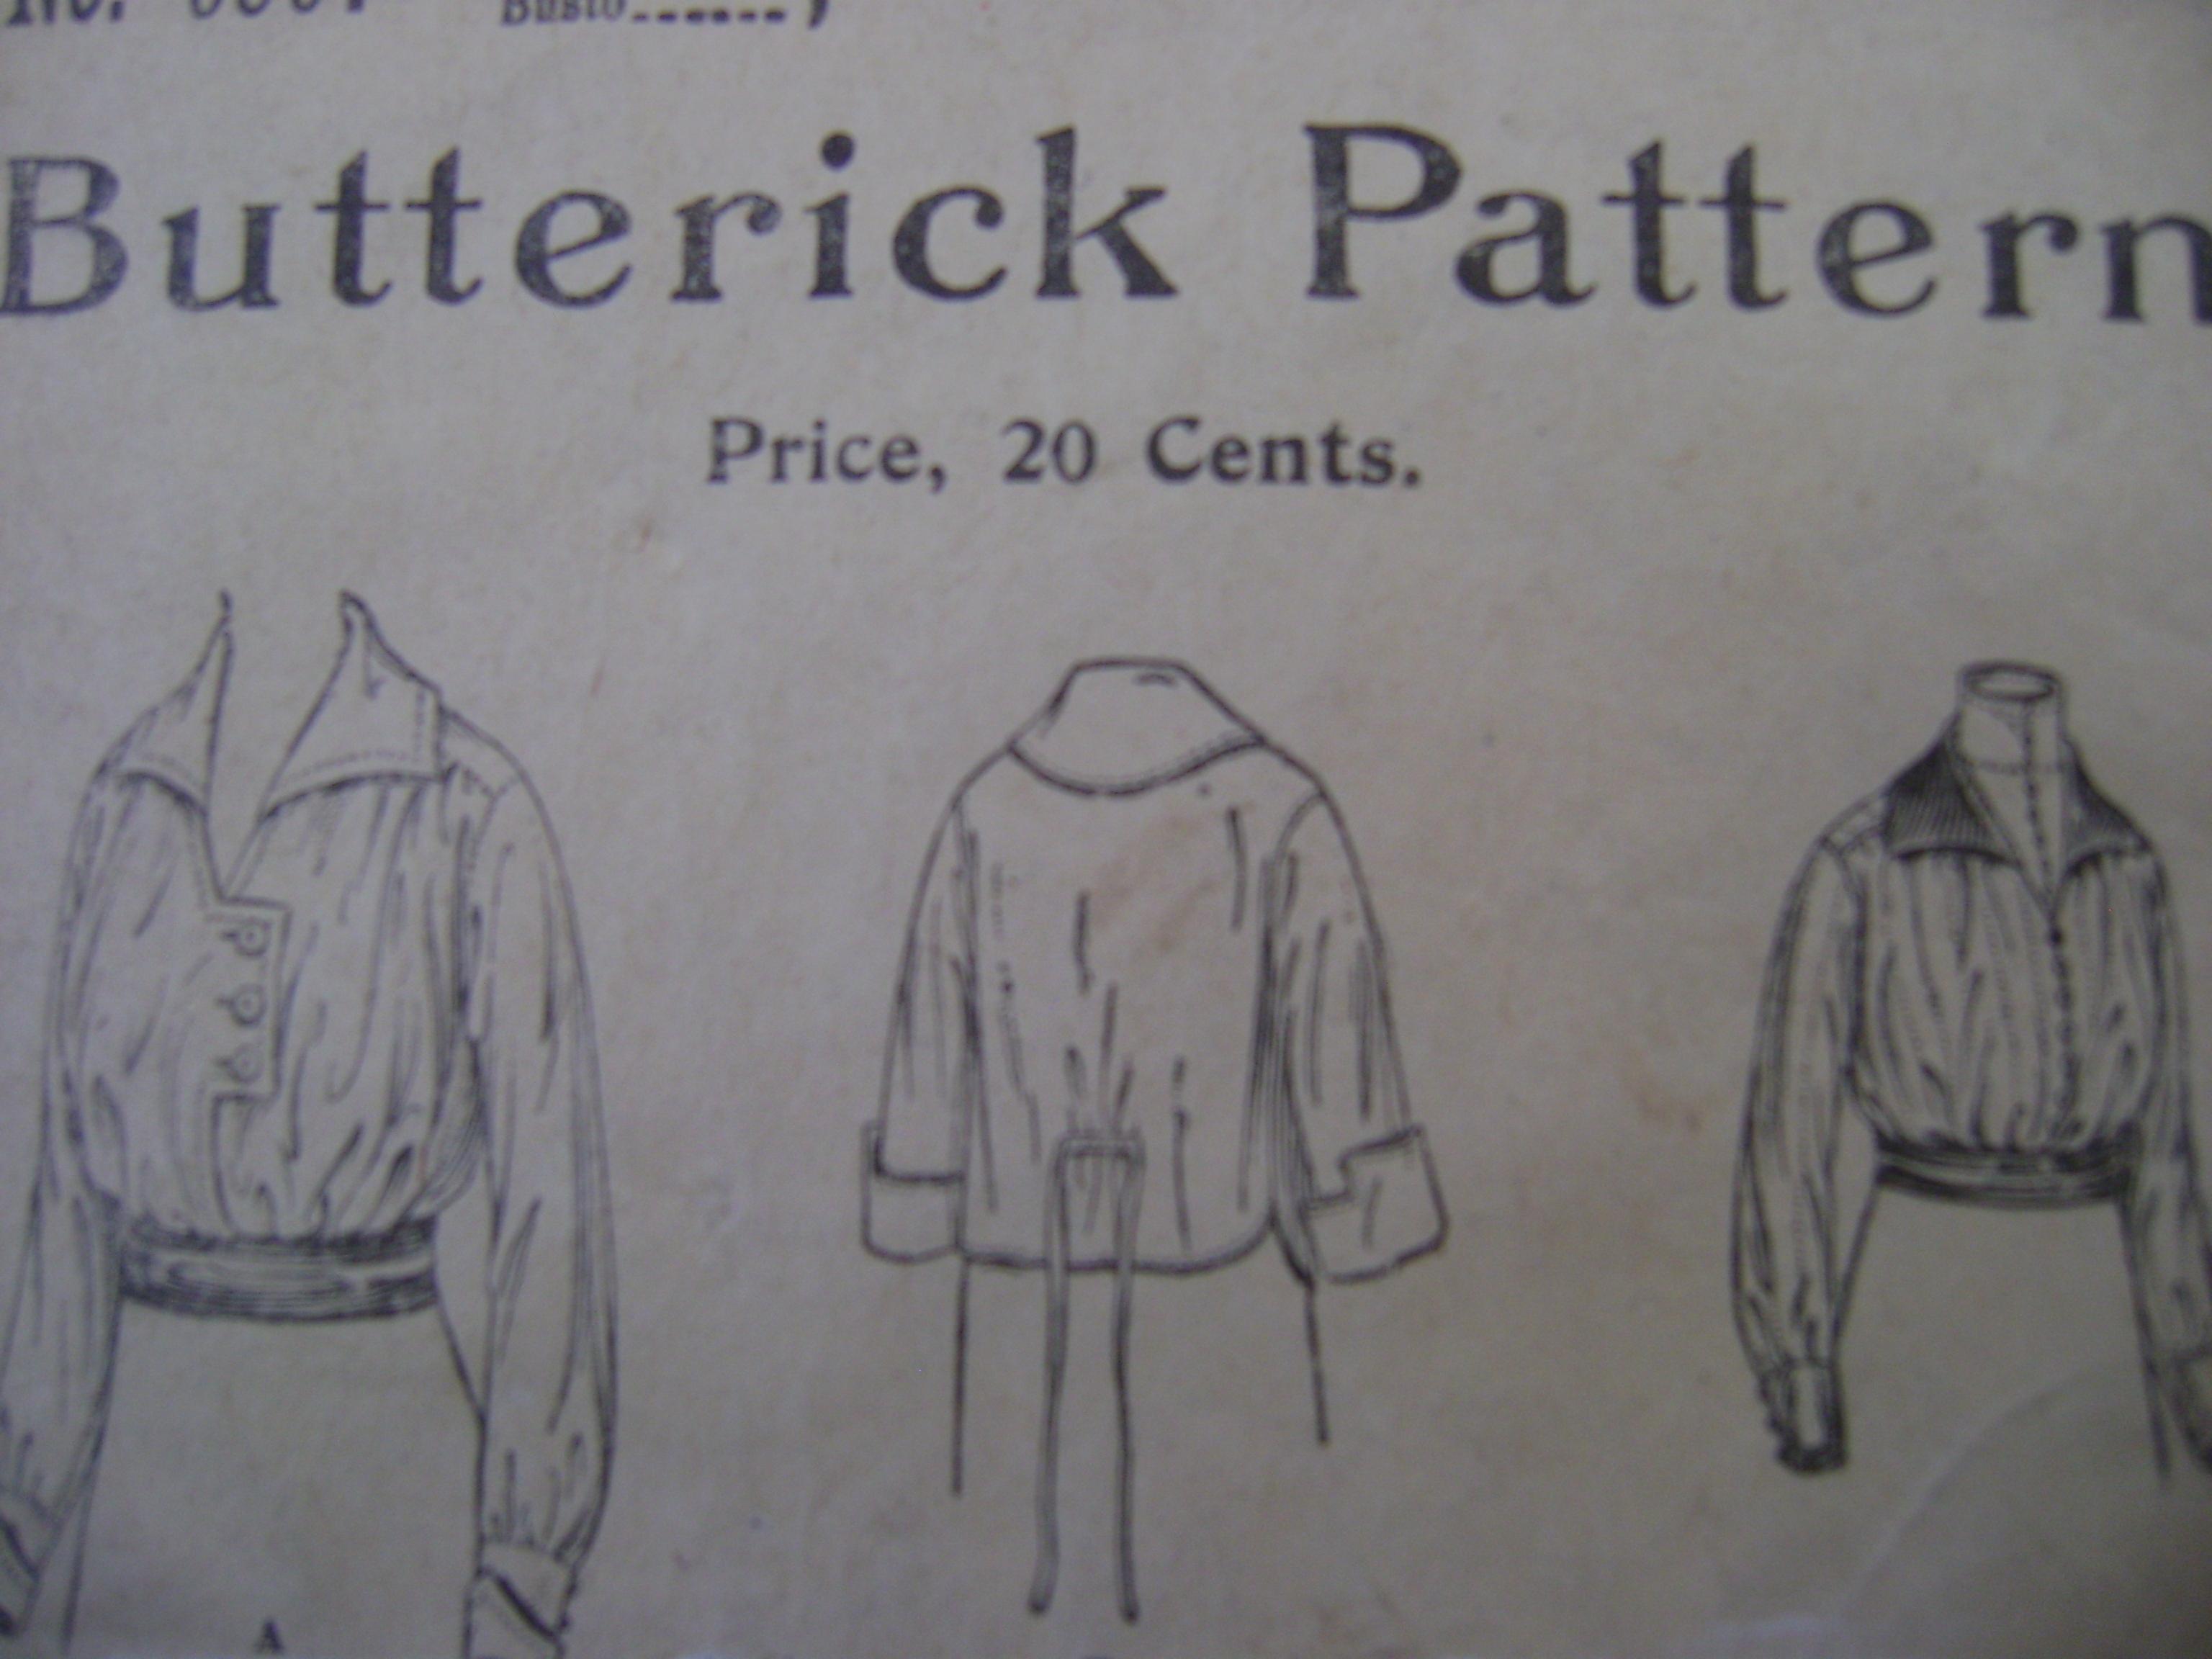 Butterick 9597 A